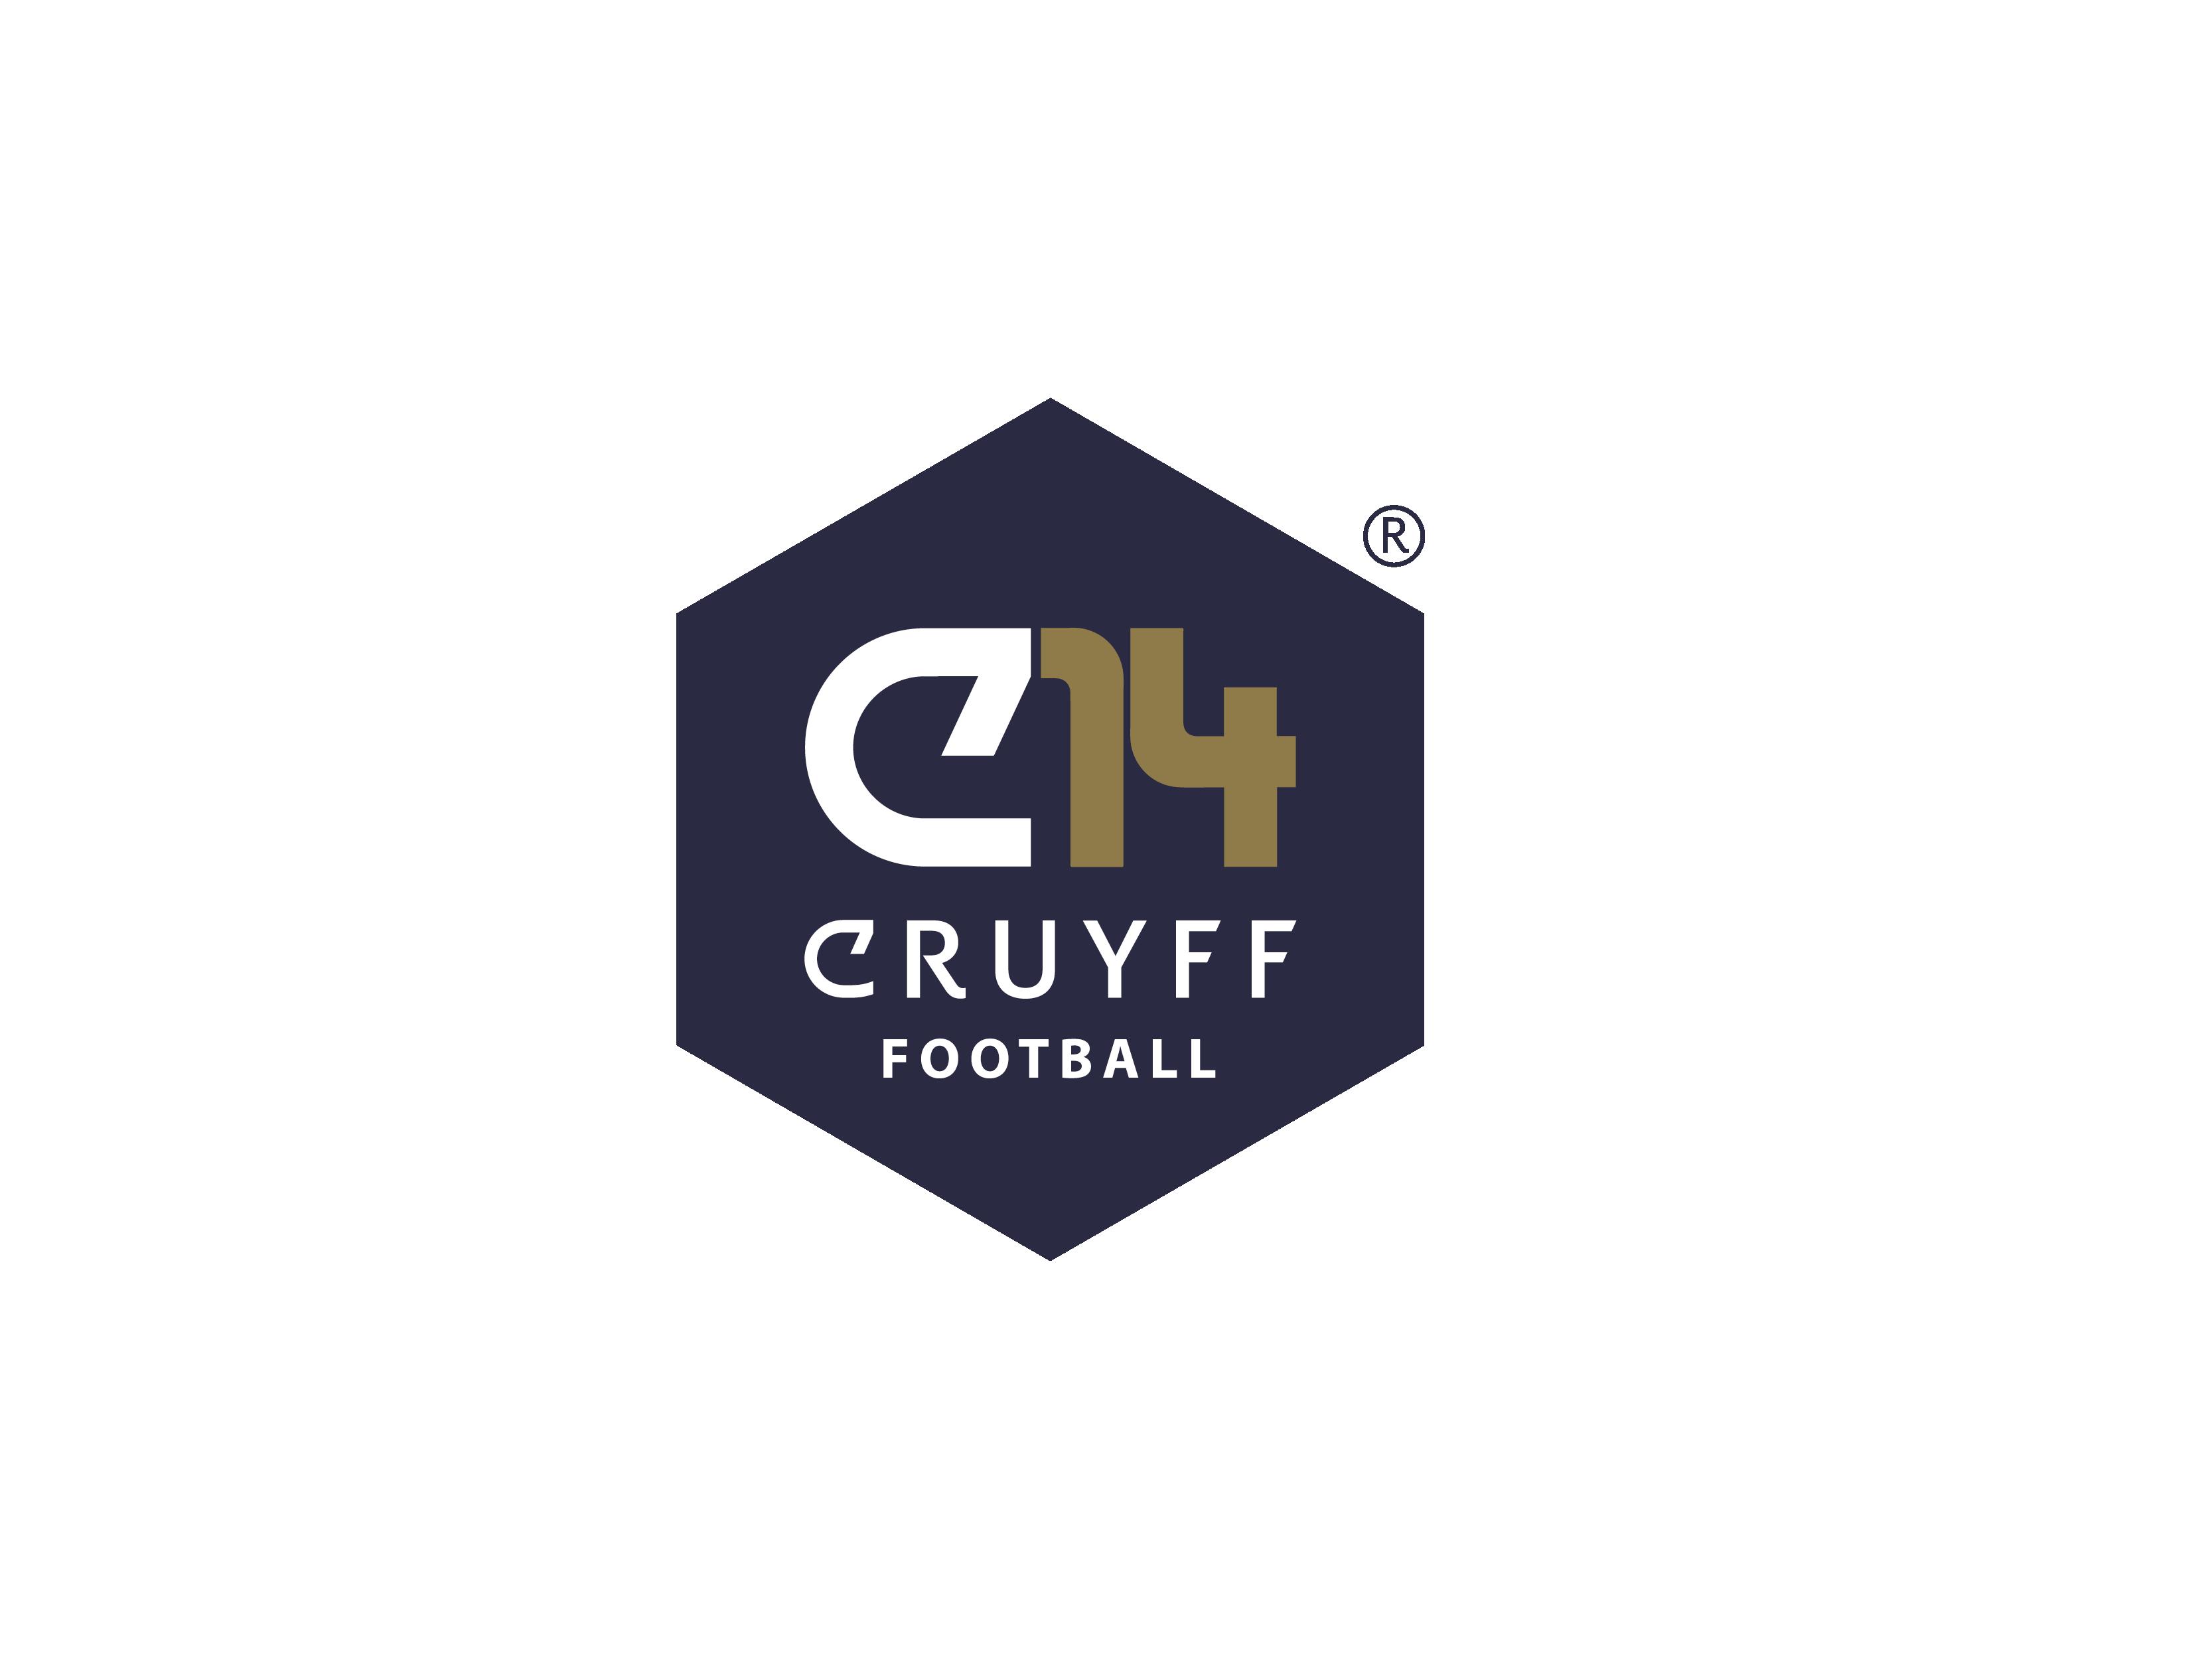 c14-logo